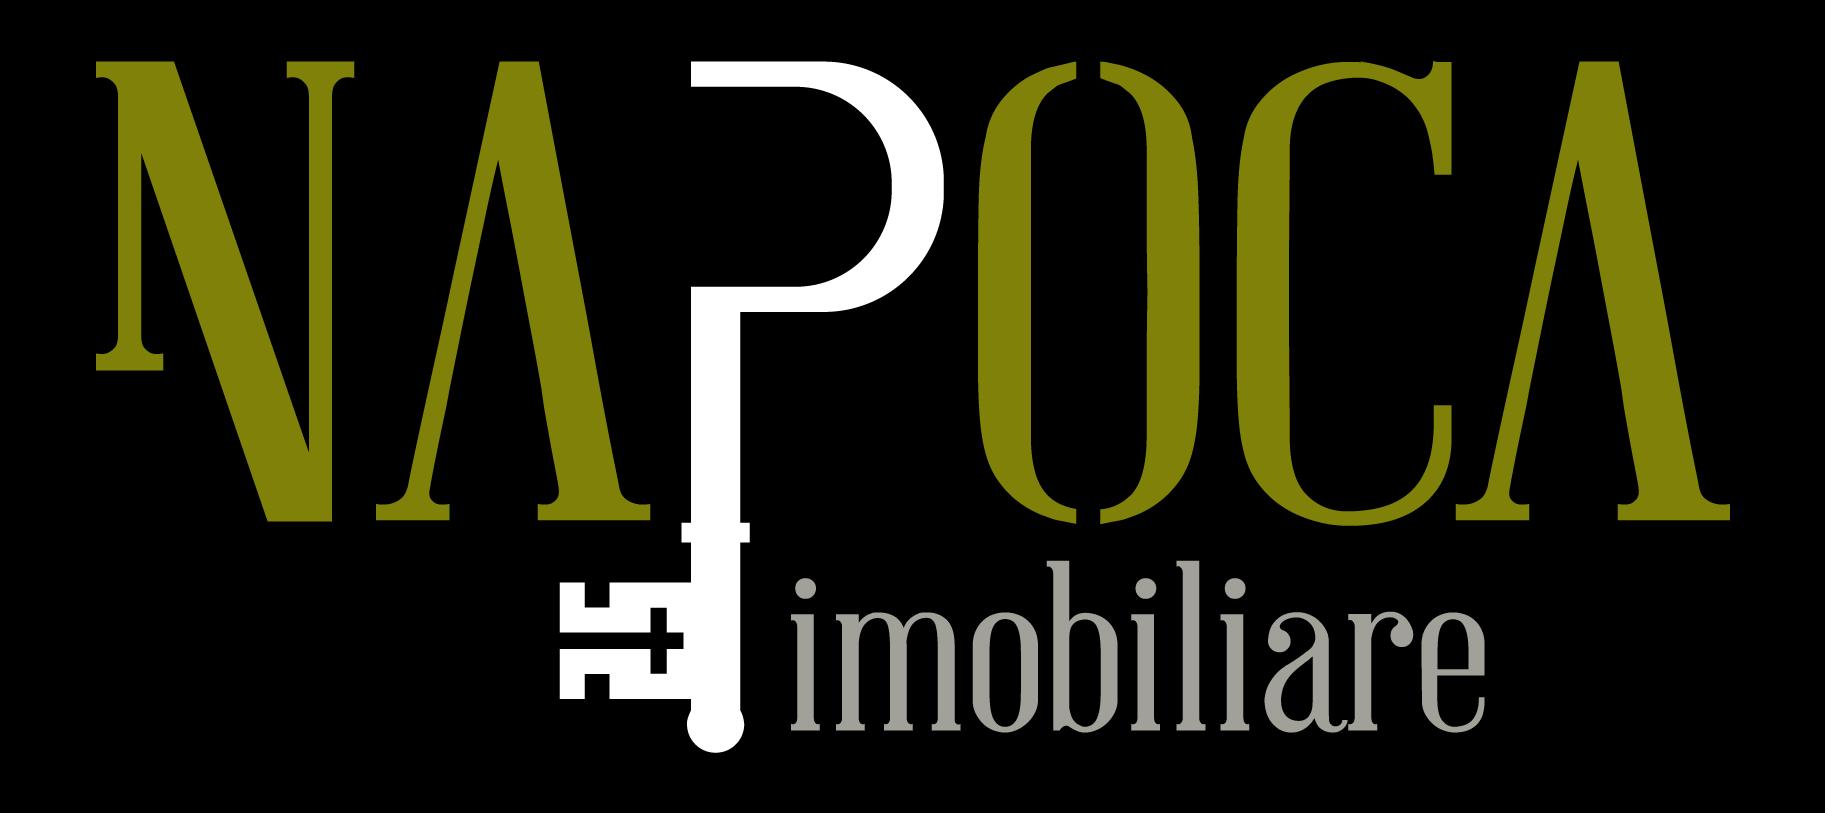 Napoca Imobiliare